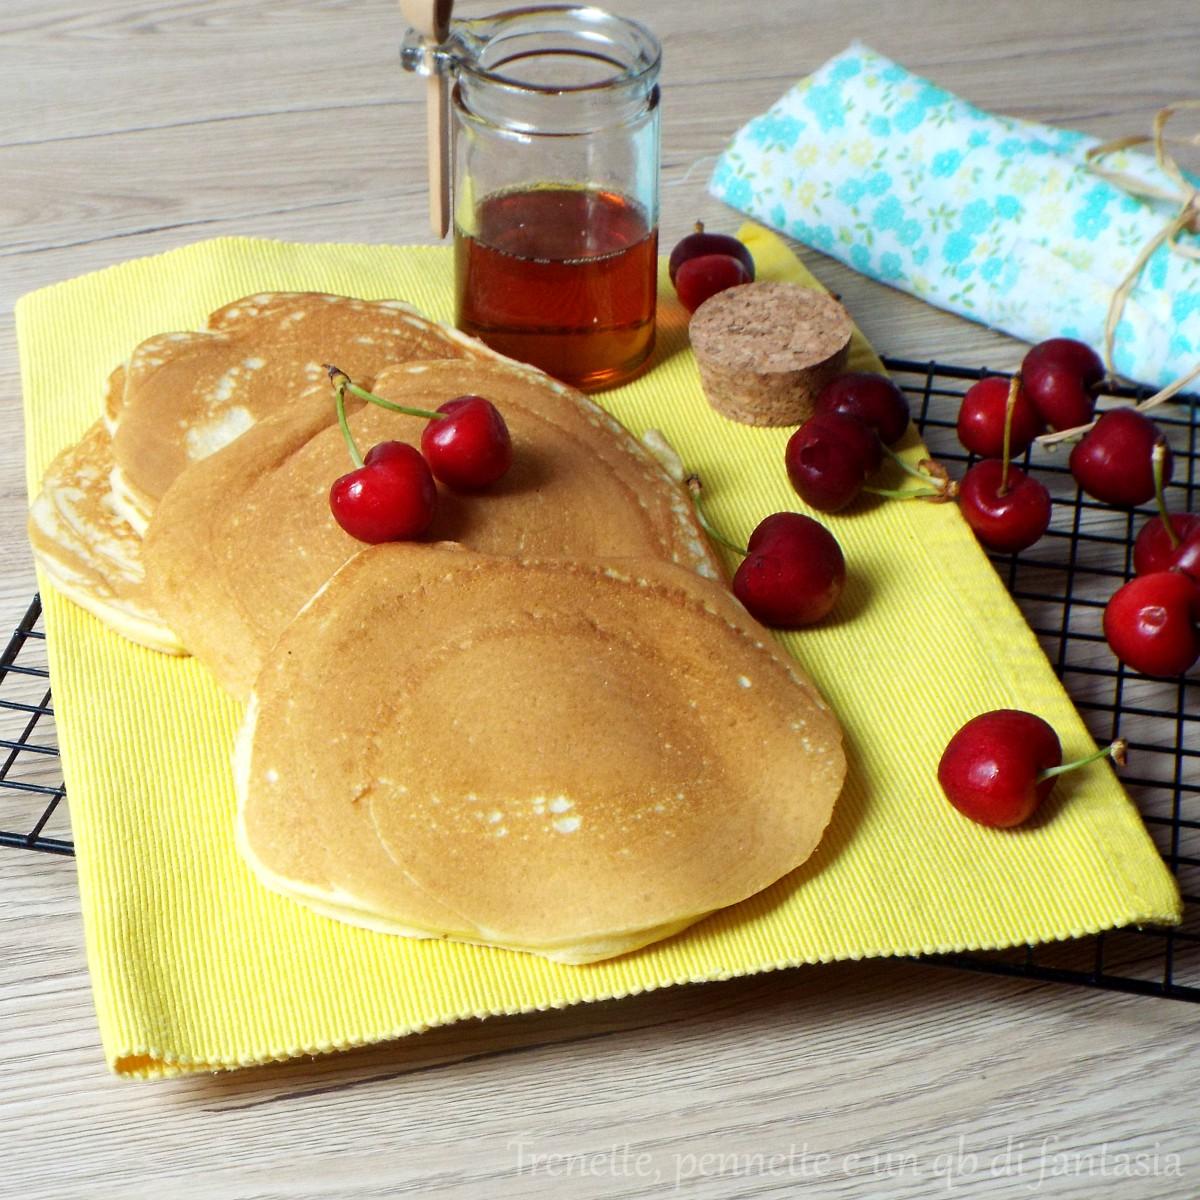 Pancake fritelle dolci